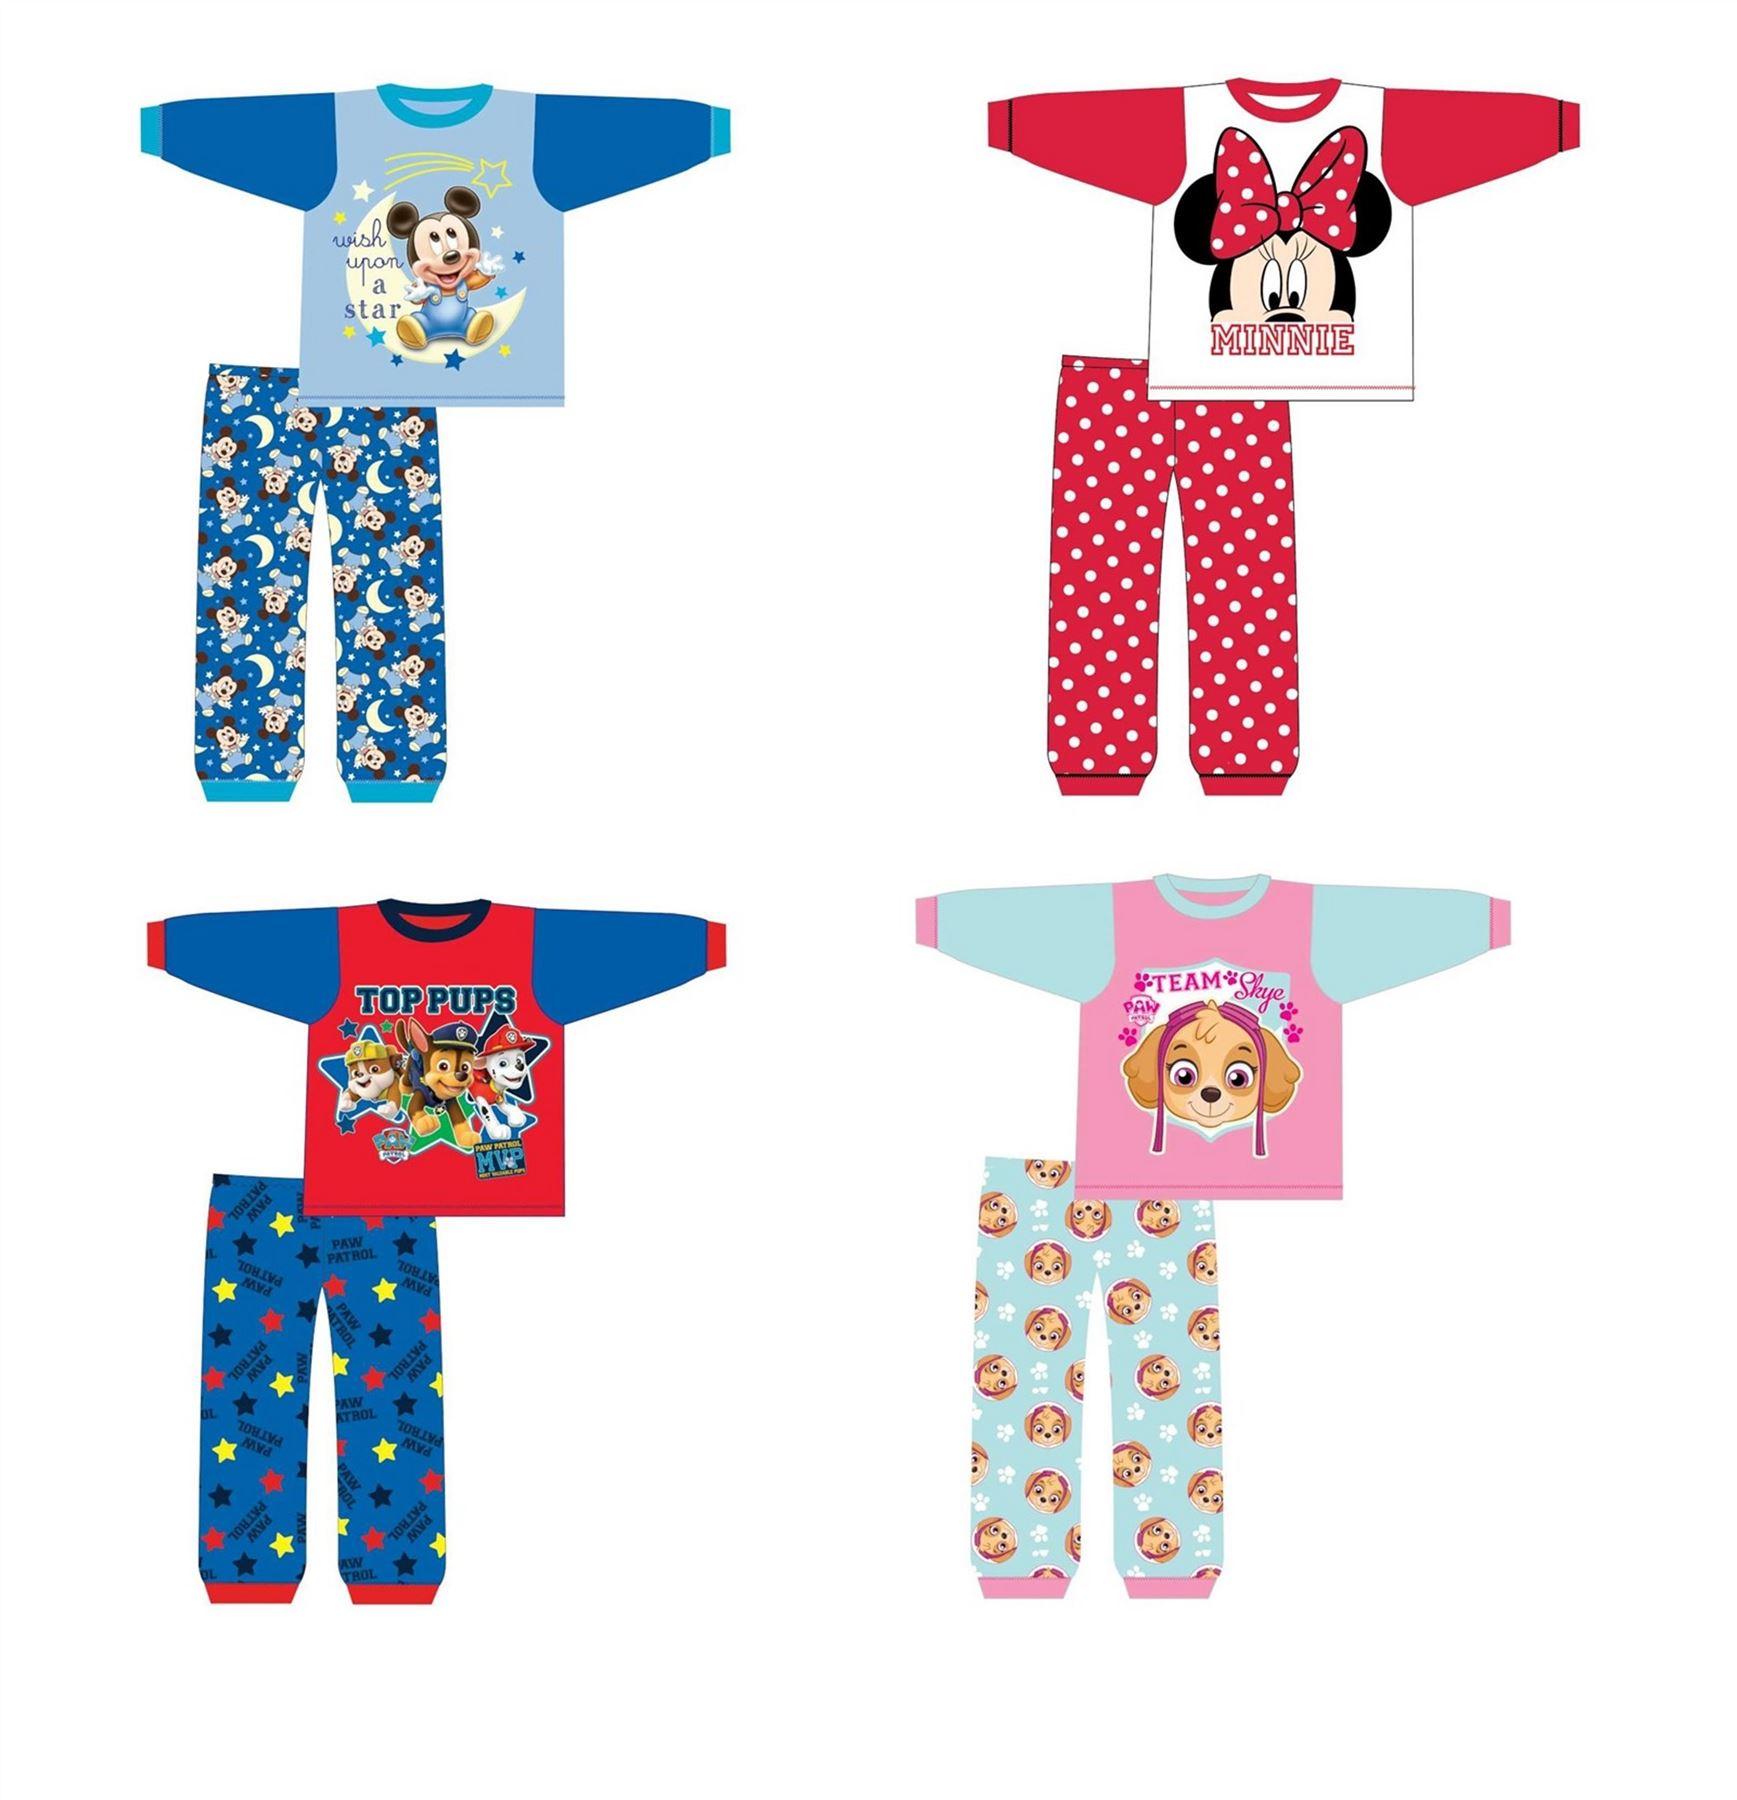 5c5d5952ac Jungen Mädchen Charakter Schlafanzug Schlafanzug Nachtwäsche ...